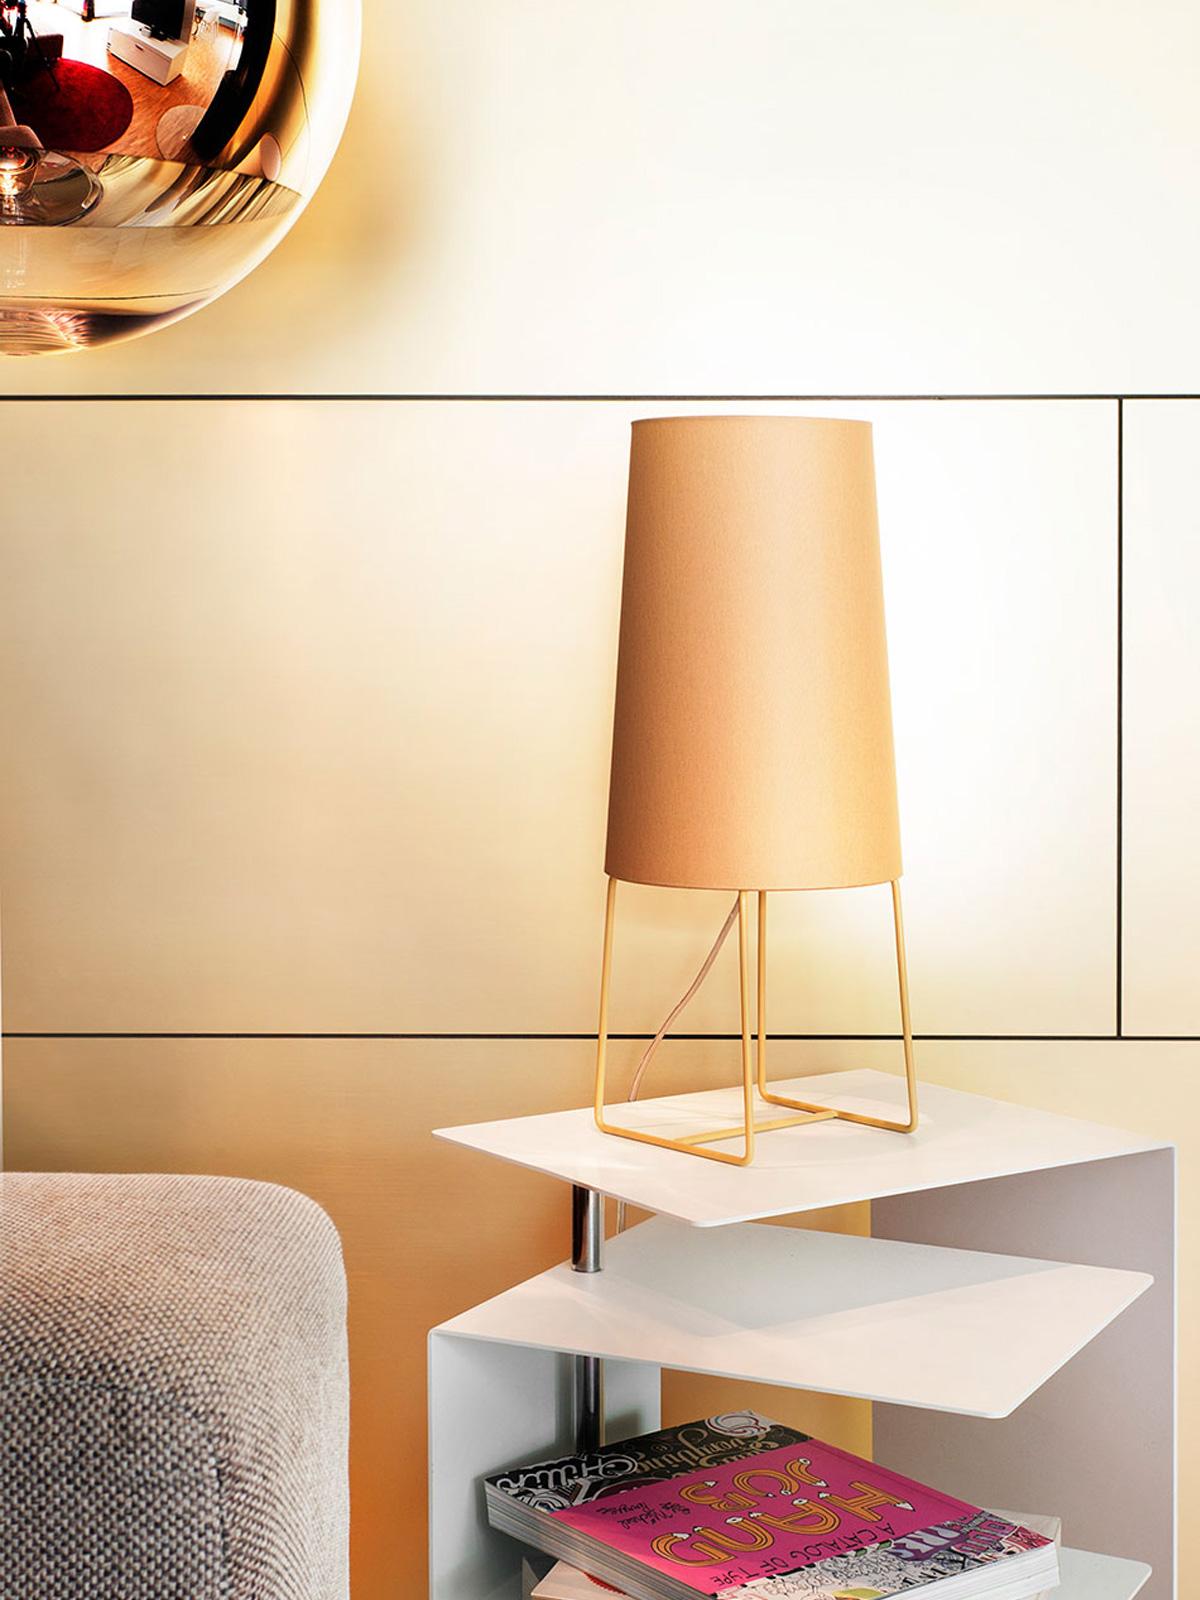 DesignOrt Blog: Farbenfrohe Leuchten frauMaier MiniSophie Tischleuchte